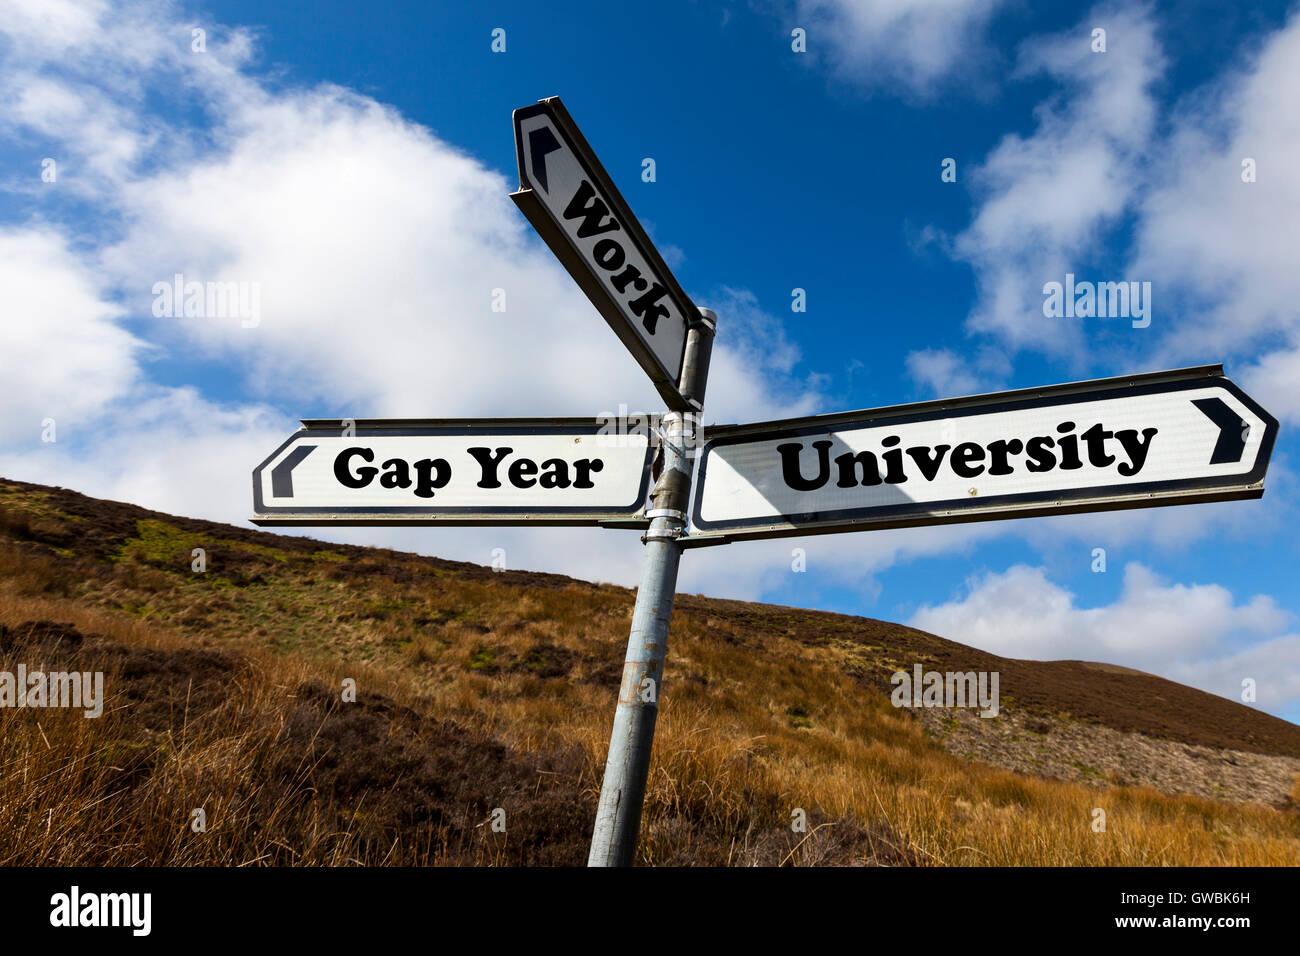 Año sabático universidad futura elección elegir la vida decisión decidir la educación ulterior Imagen De Stock